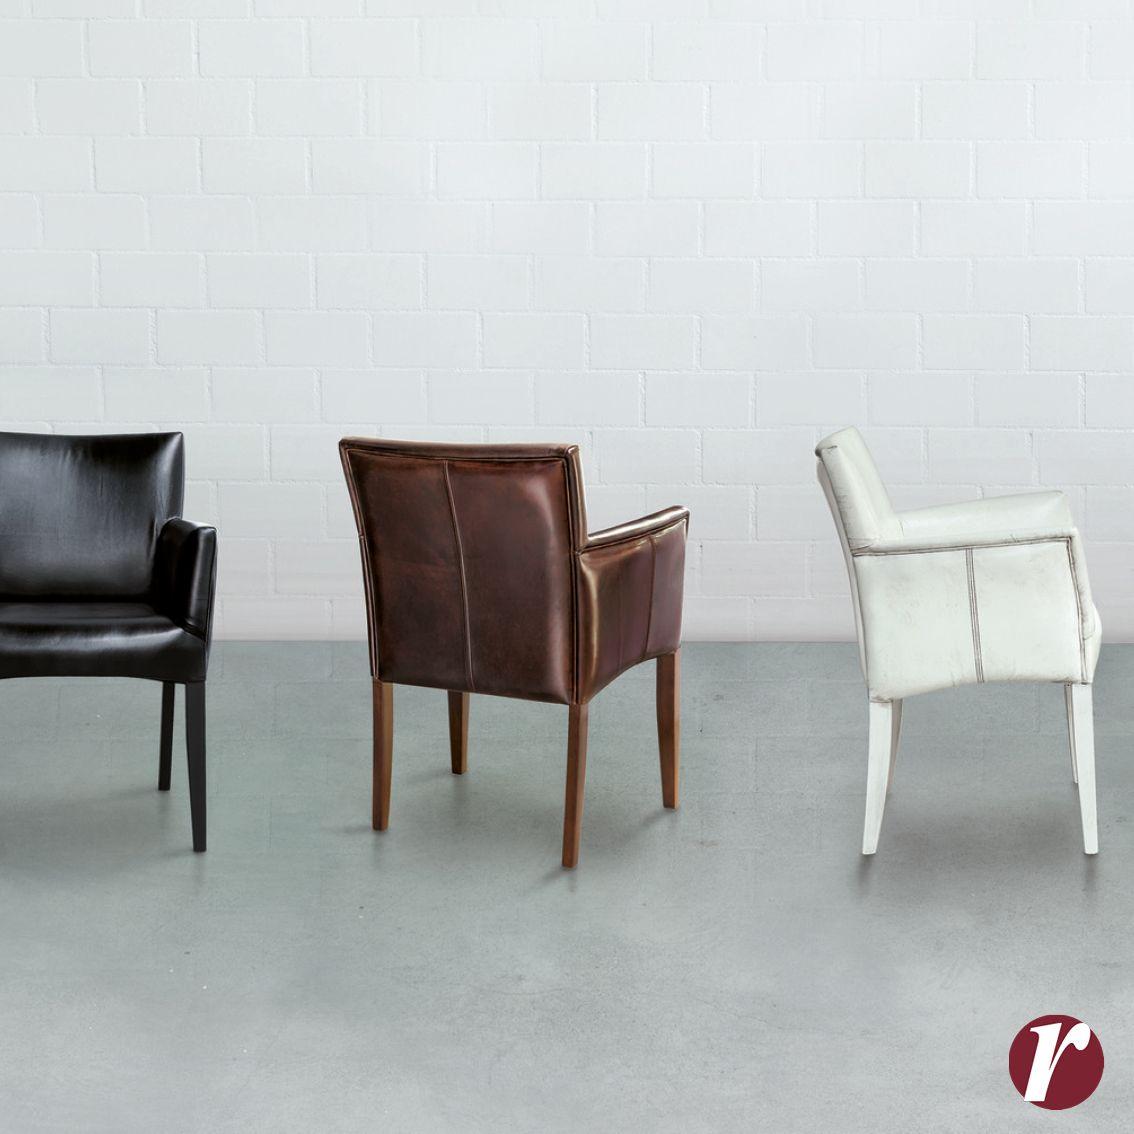 Sedia Con Braccioli Fattore Funzionale In Casa E In Ufficio Design Che Si Sviluppa In 9 Colori Di Pelle Di Arredamento Idea Di Decorazione Arredamento Casa